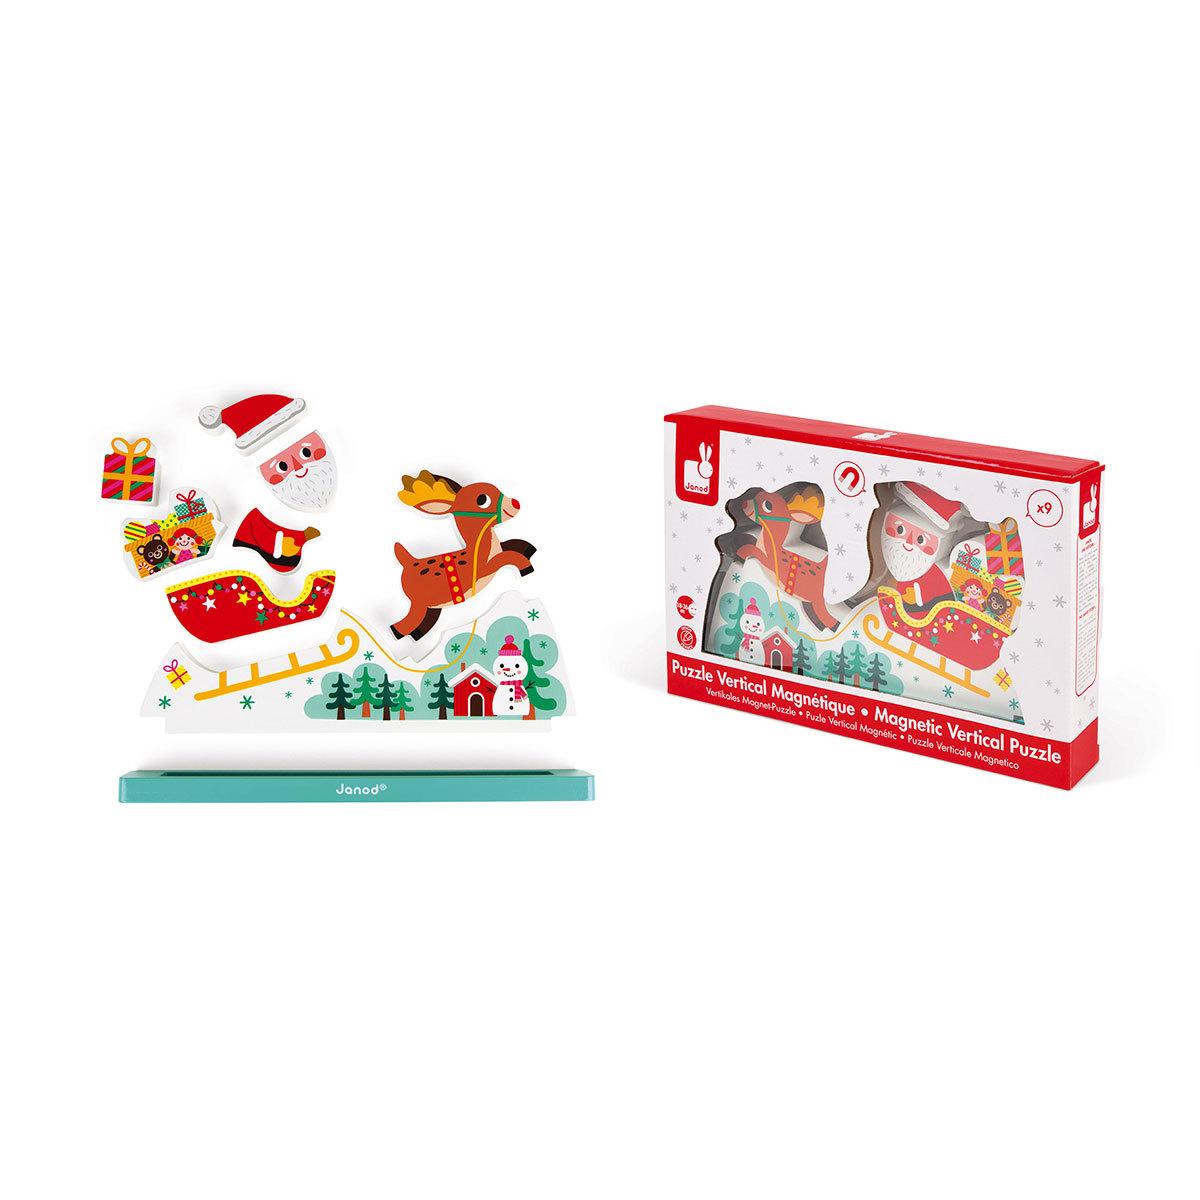 Mes premiers jouets Puzzle Vertical Magnétique - Le Traîneau du Père-Noël Puzzle Vertical Magnétique - Le Traîneau du Père-Noël